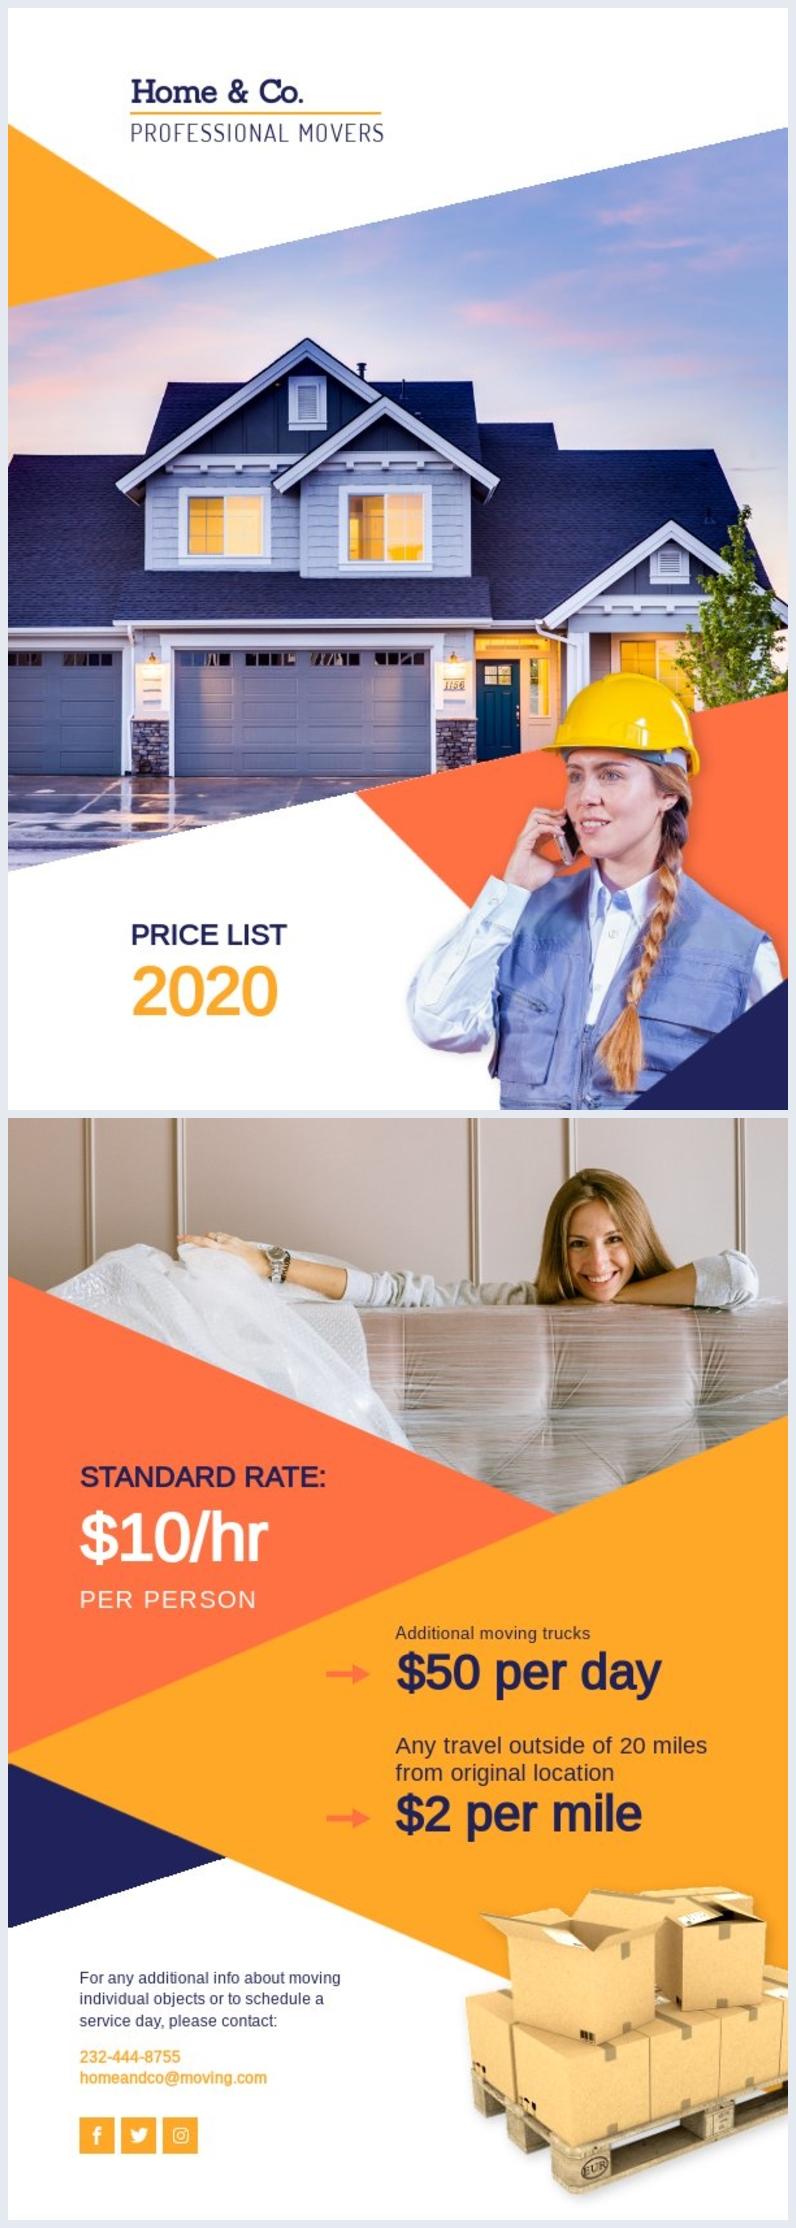 Diseño de plantilla para lista de precios de servicios